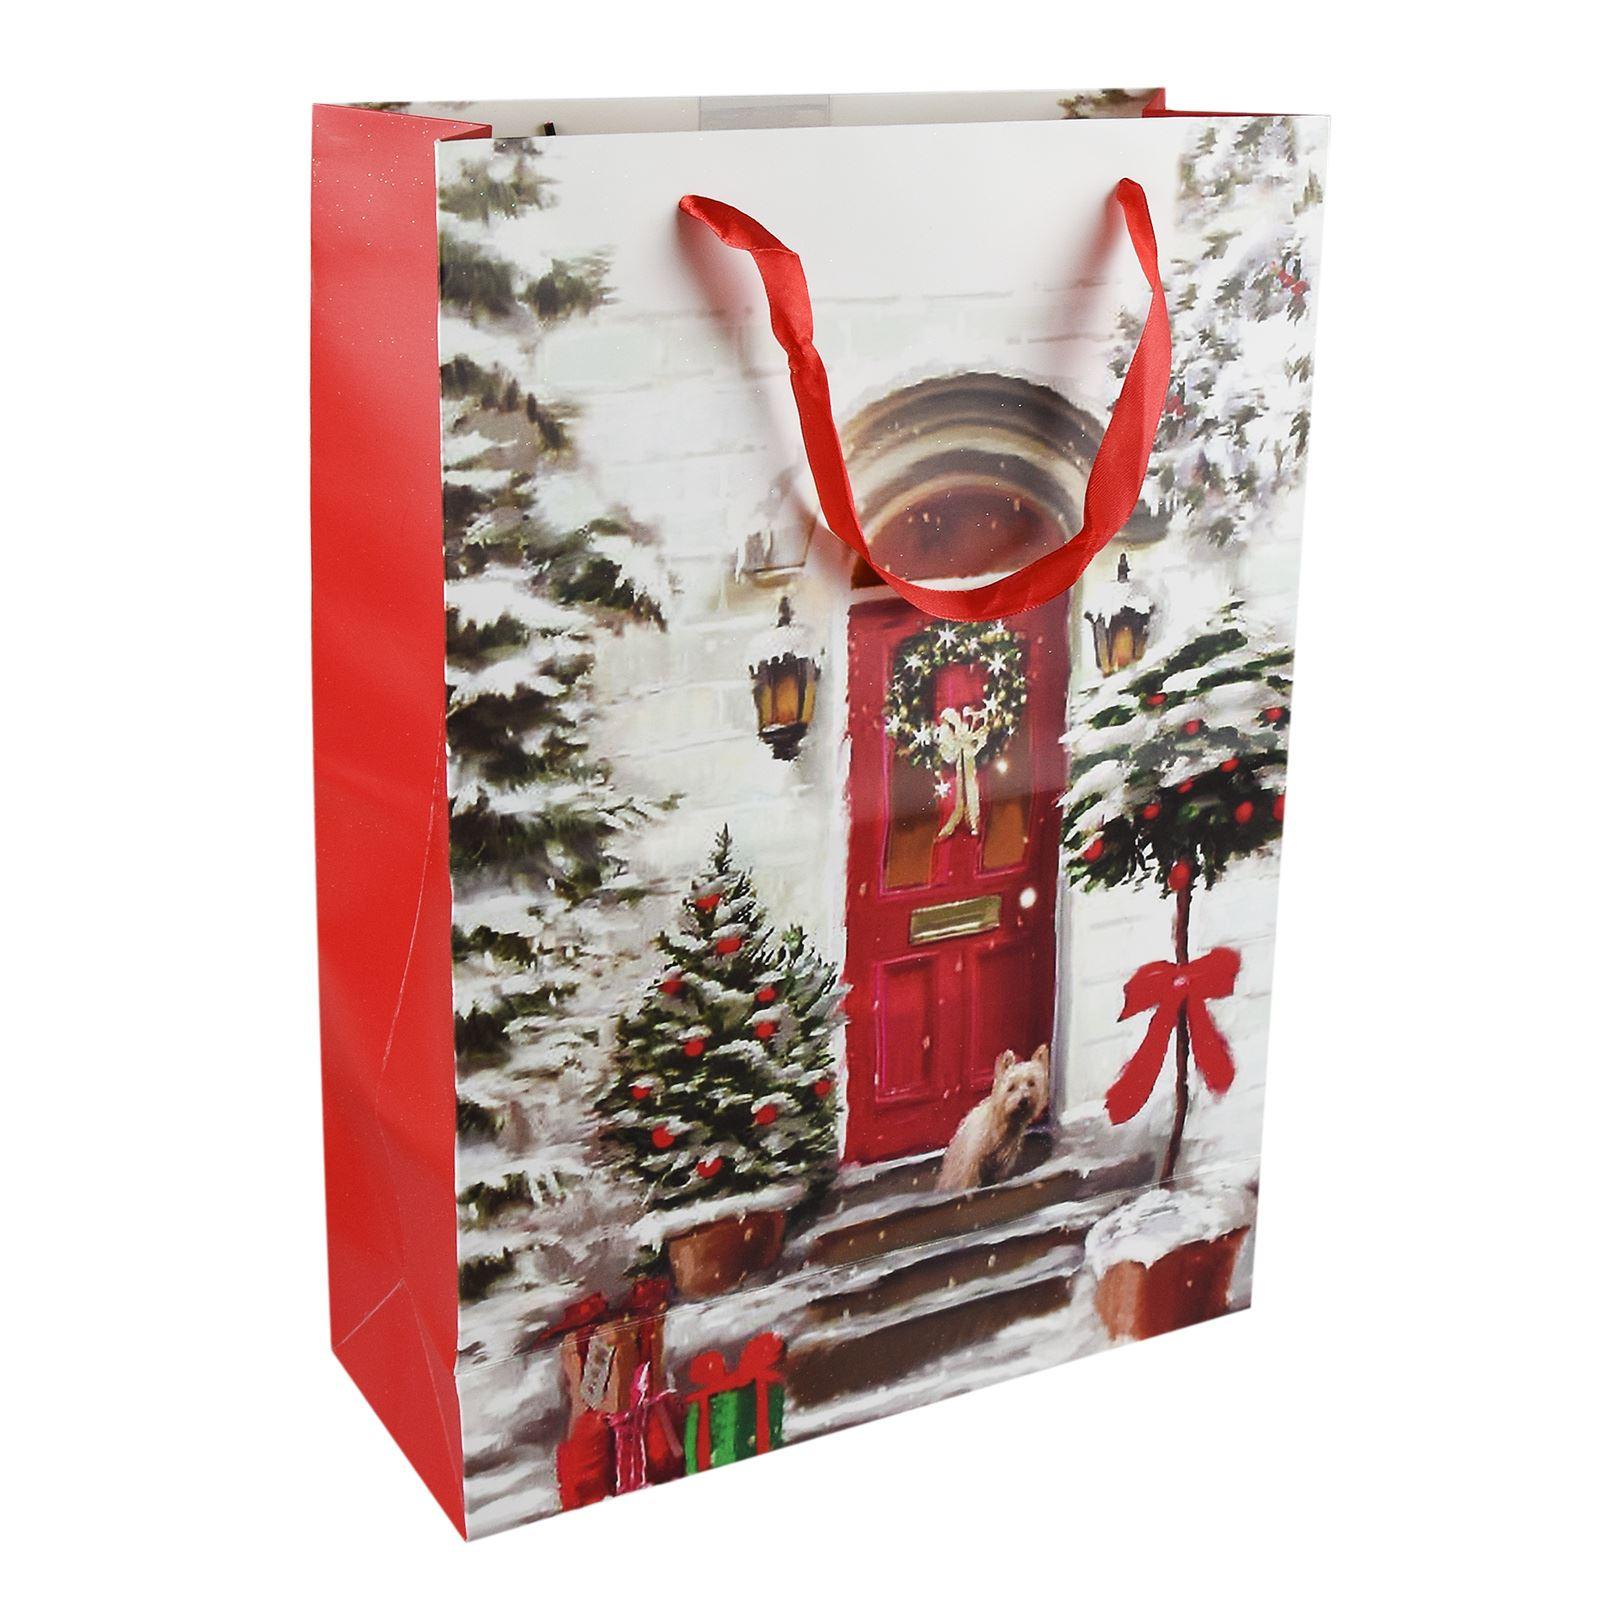 Tradizionale-Regalo-di-Natale-Borse-Regalo-Natale-Inverno-Glitter-Design-Paper-Carrier miniatura 8